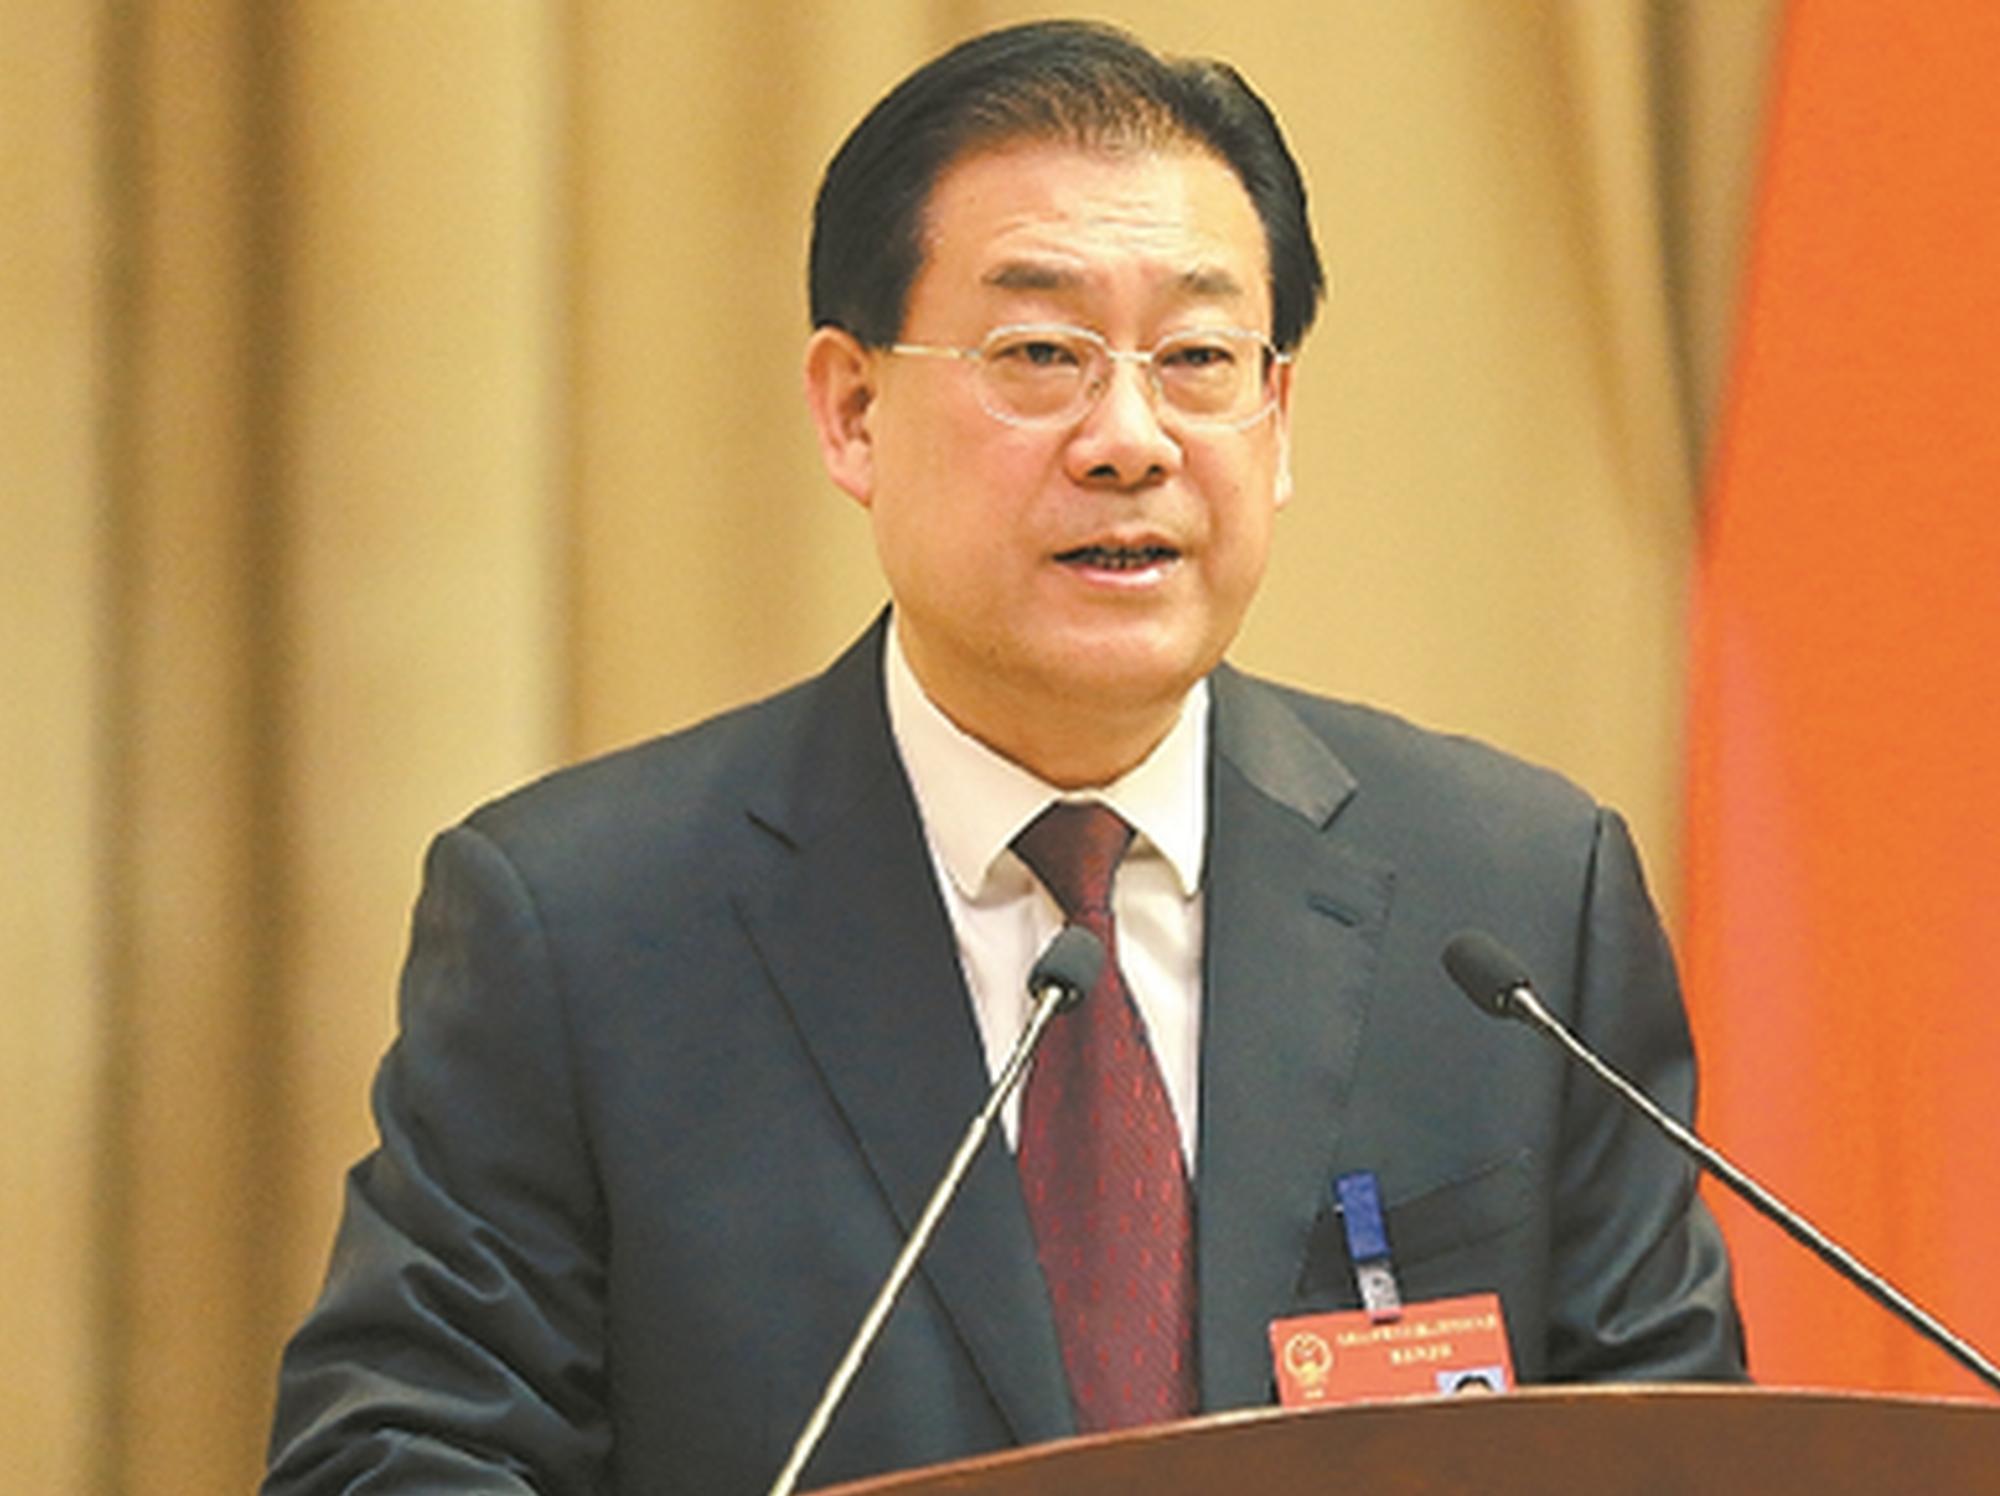 http://ah.sina.com.cn/news/2021-01-25/detail-ikftssap0641456.shtml